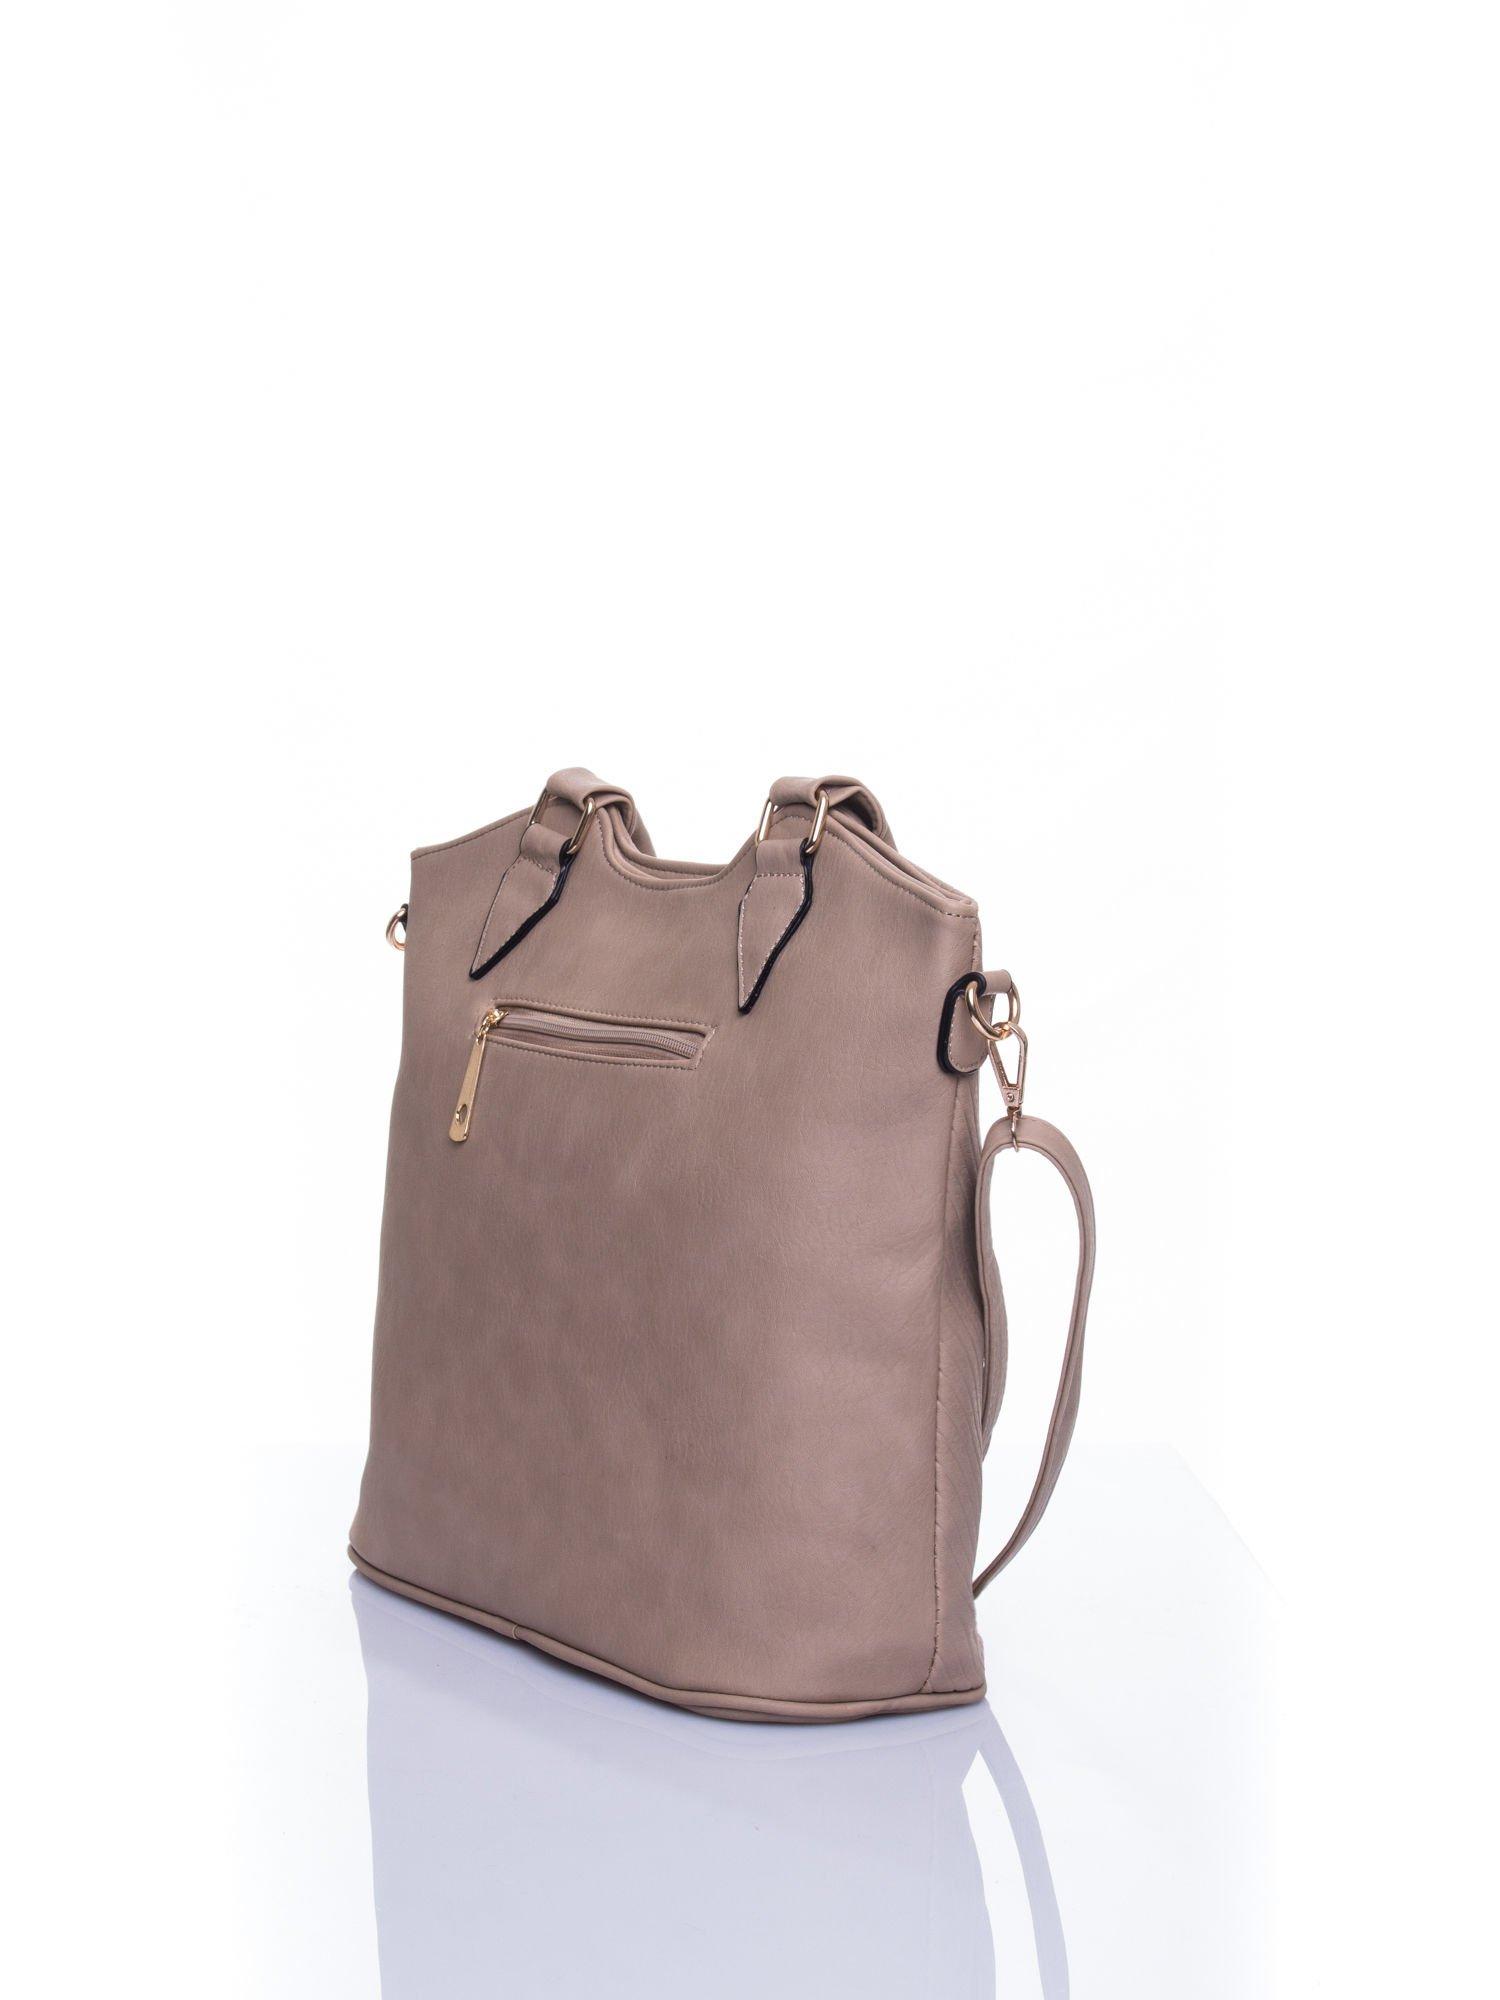 Jasnobeżowa torebka fakturowana w pasy                                   zdj.                                  4